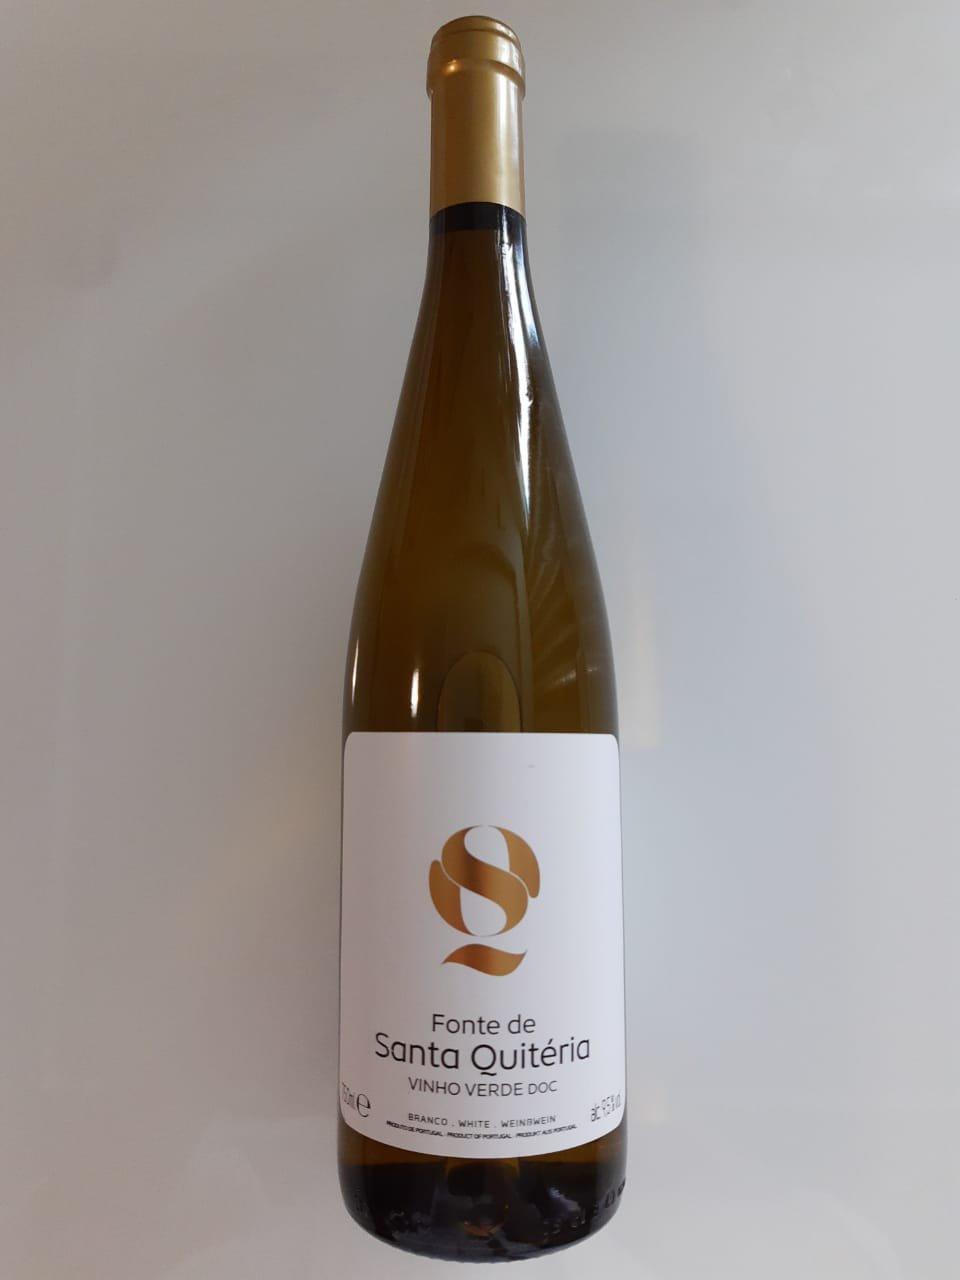 Vinho Fonte De Santa Quitéria Vinho Verde 750ml